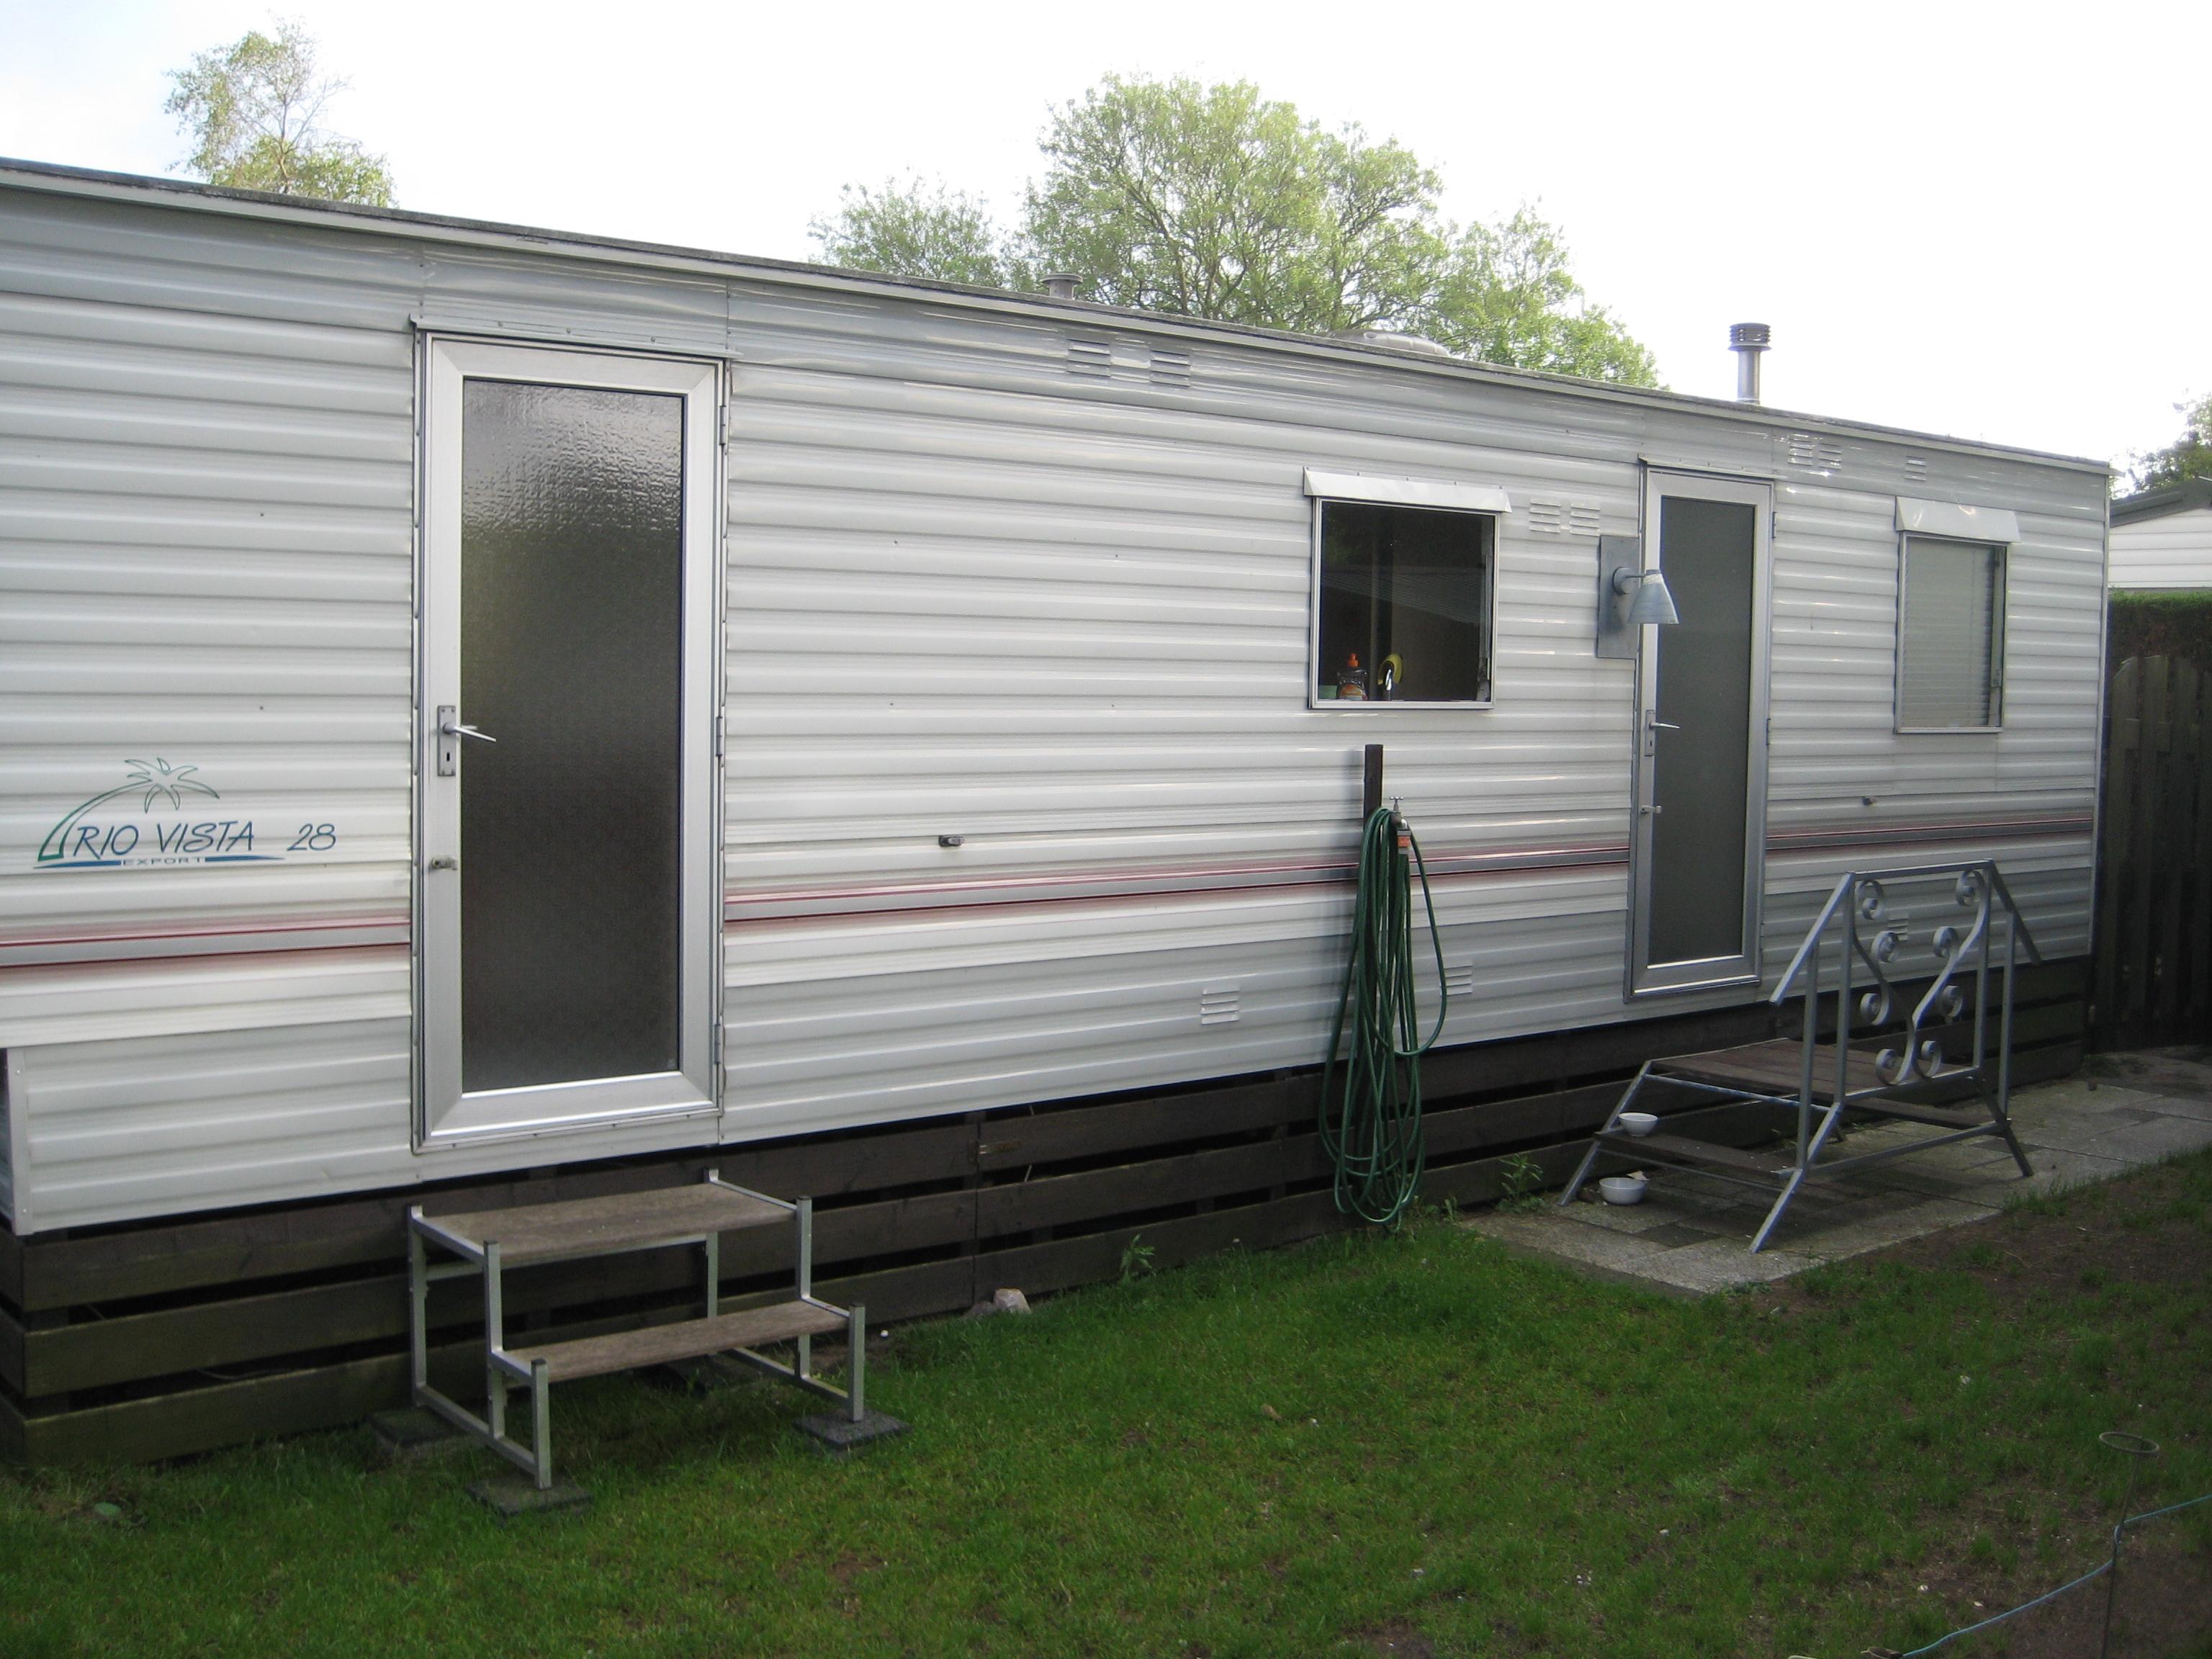 bettw sche f r fendt wohnwagen camping kleinanzeigen in kevelaer seite 1. Black Bedroom Furniture Sets. Home Design Ideas